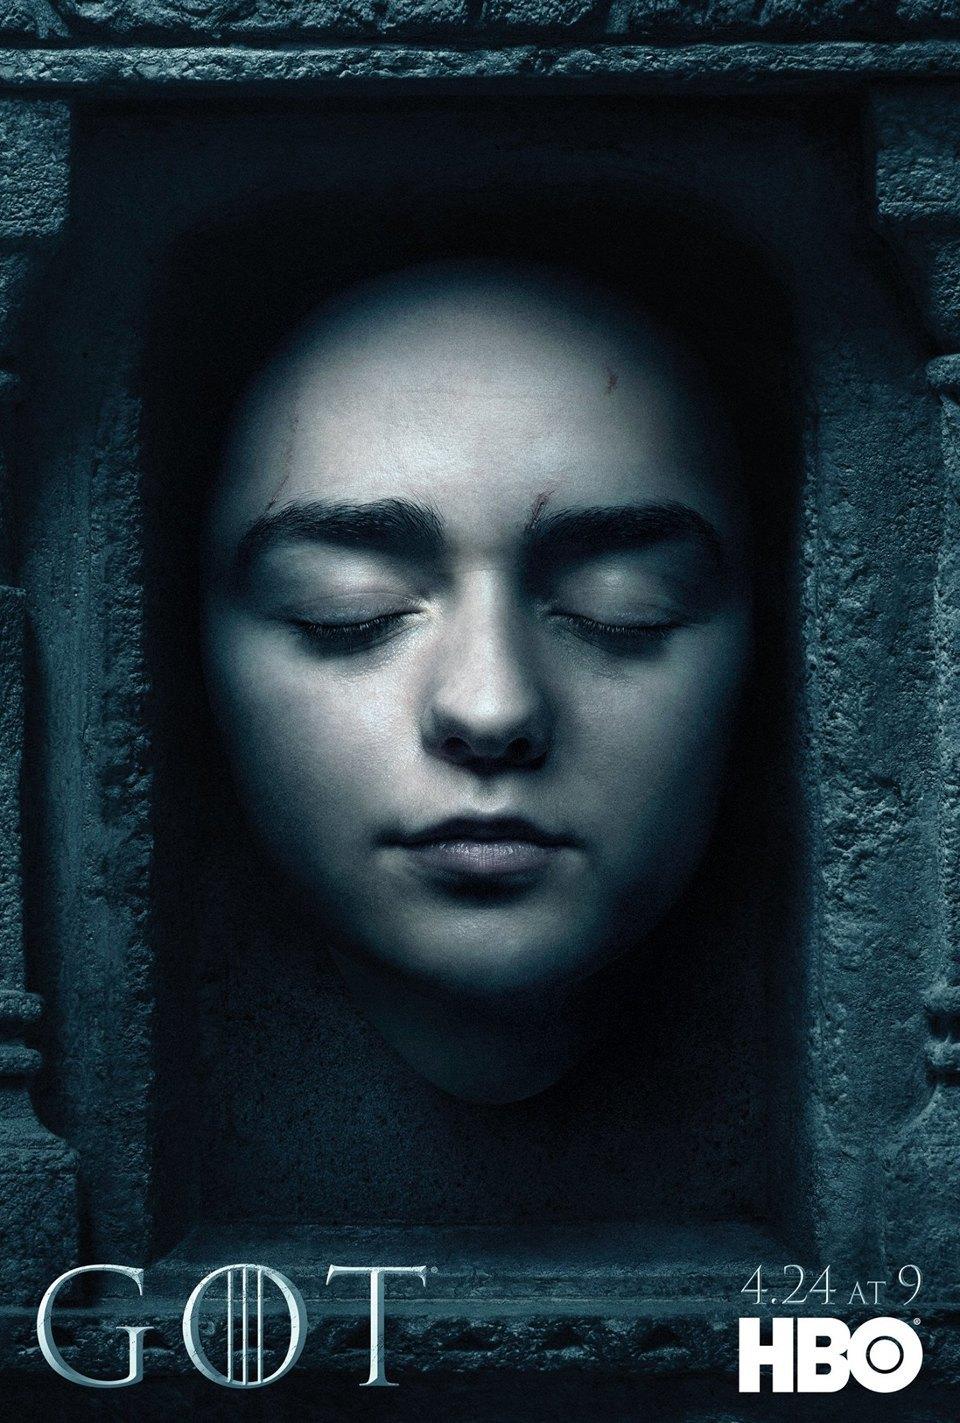 Постеры с героями «Игры престолов» к новому сезону. Изображение № 11.